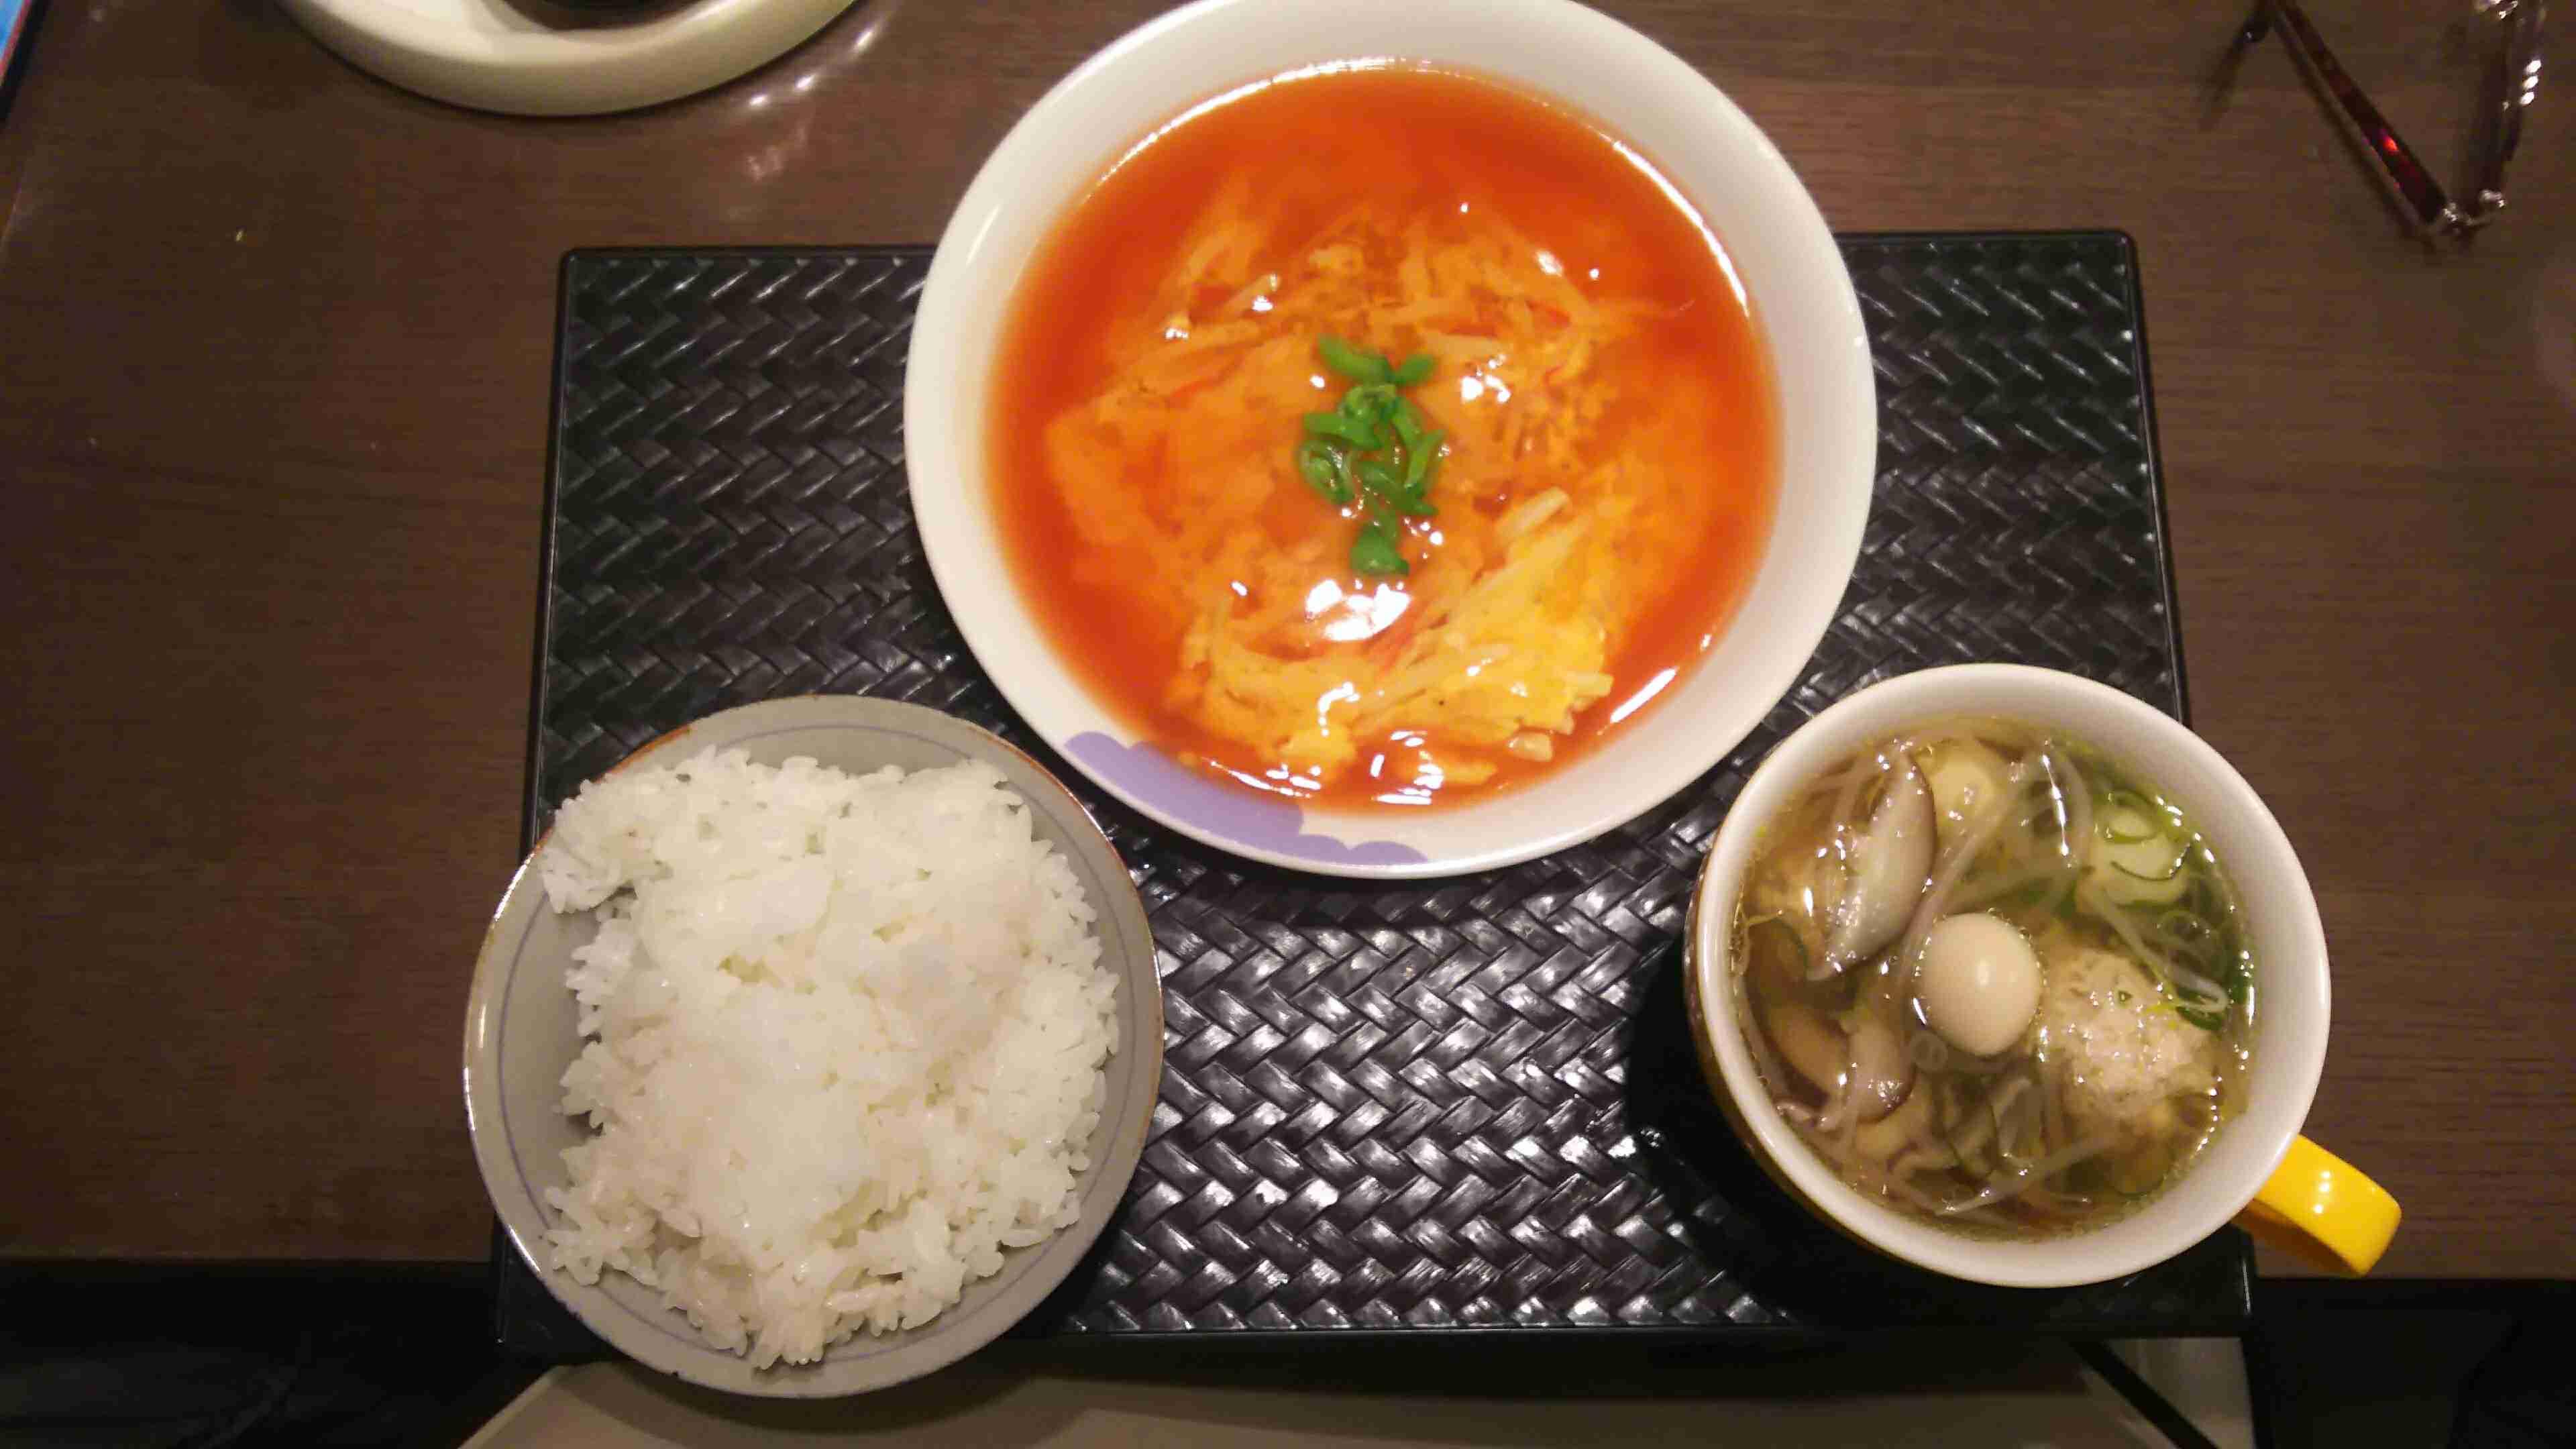 夕ご飯の献立を30日間ただ書き込むトピ【Part3】